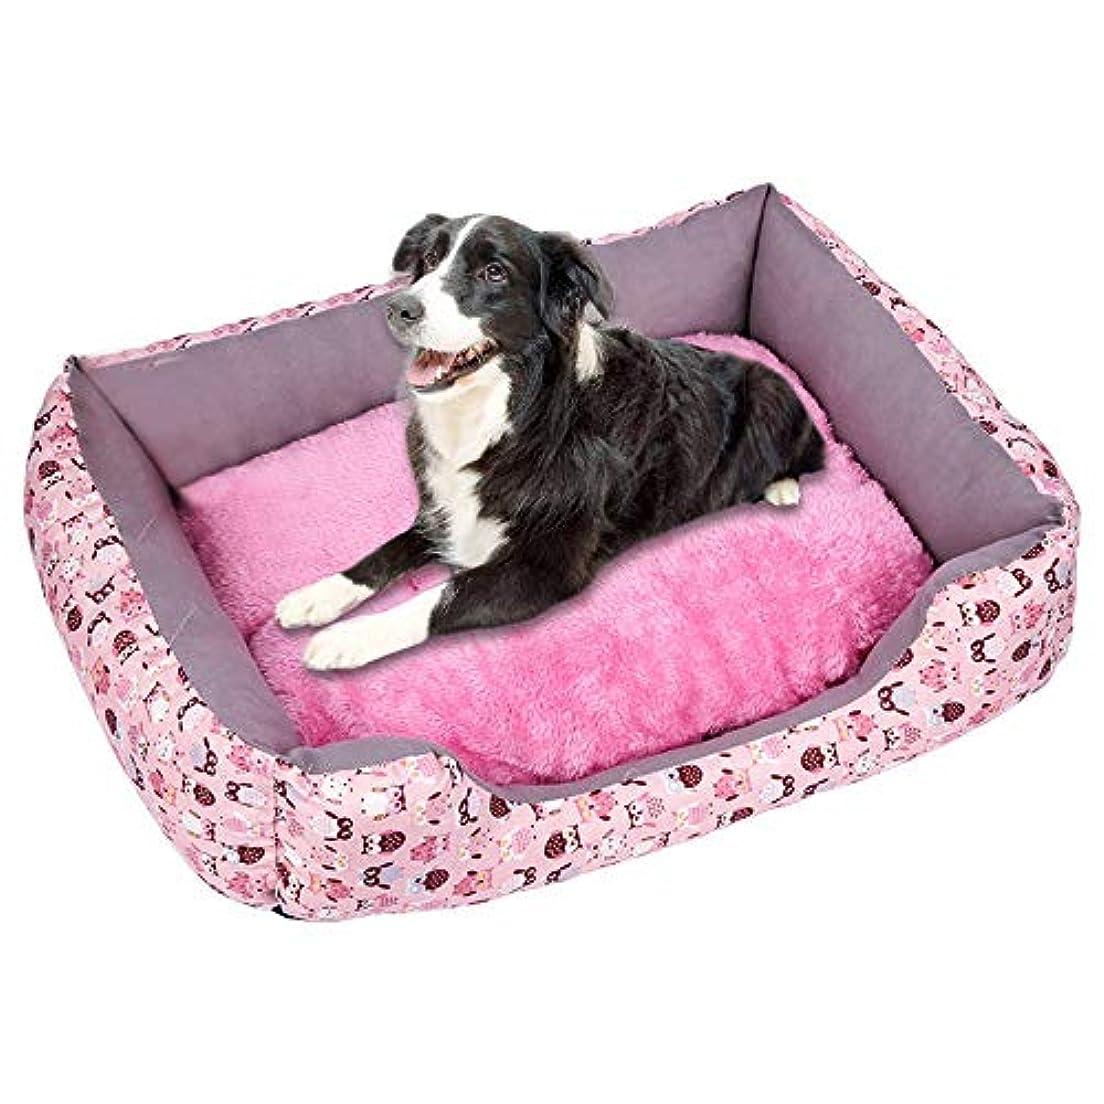 平行十分です問い合わせるプラスベルベット肥厚ペットの巣 柔らかいペット犬猫ベッド子犬クッションハウスペットソフト暖かい犬小屋犬マットブランケット 犬小屋 ペットハウス ペットネスト 犬舎 柔らかくて温かく 快適で通気性があります (B, S)